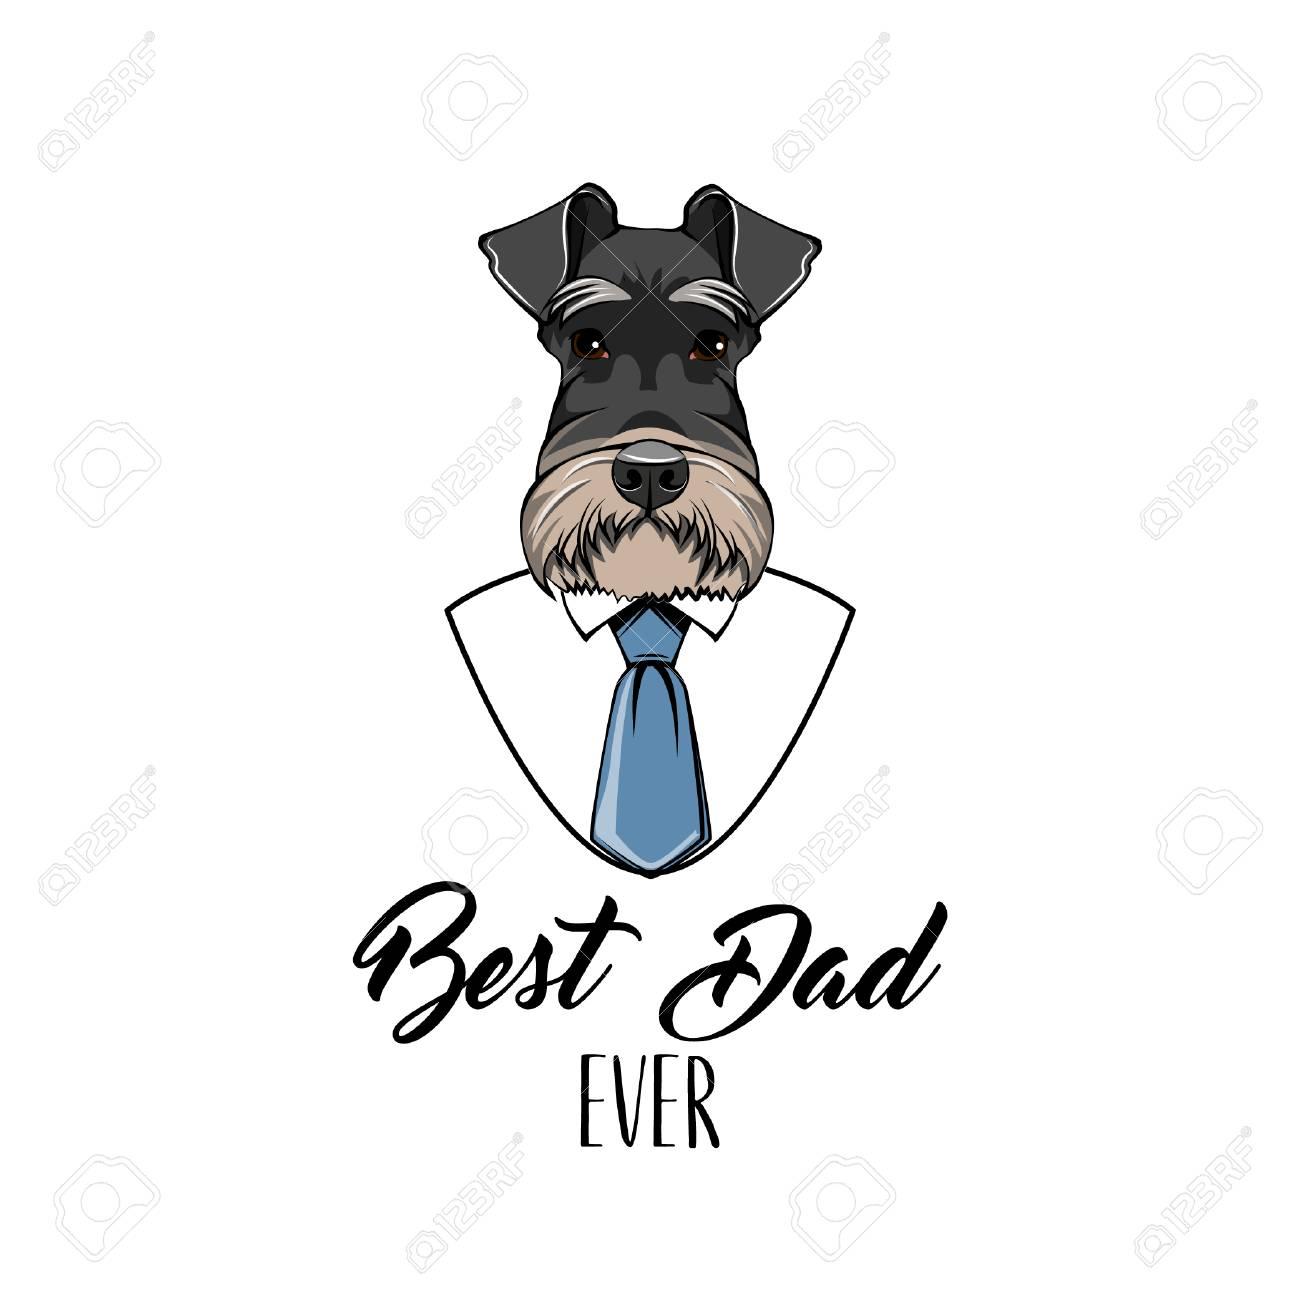 ba667957 Schnauzer Dog. Fathers day greeting card. White shirt, blue necktie. Best  dad